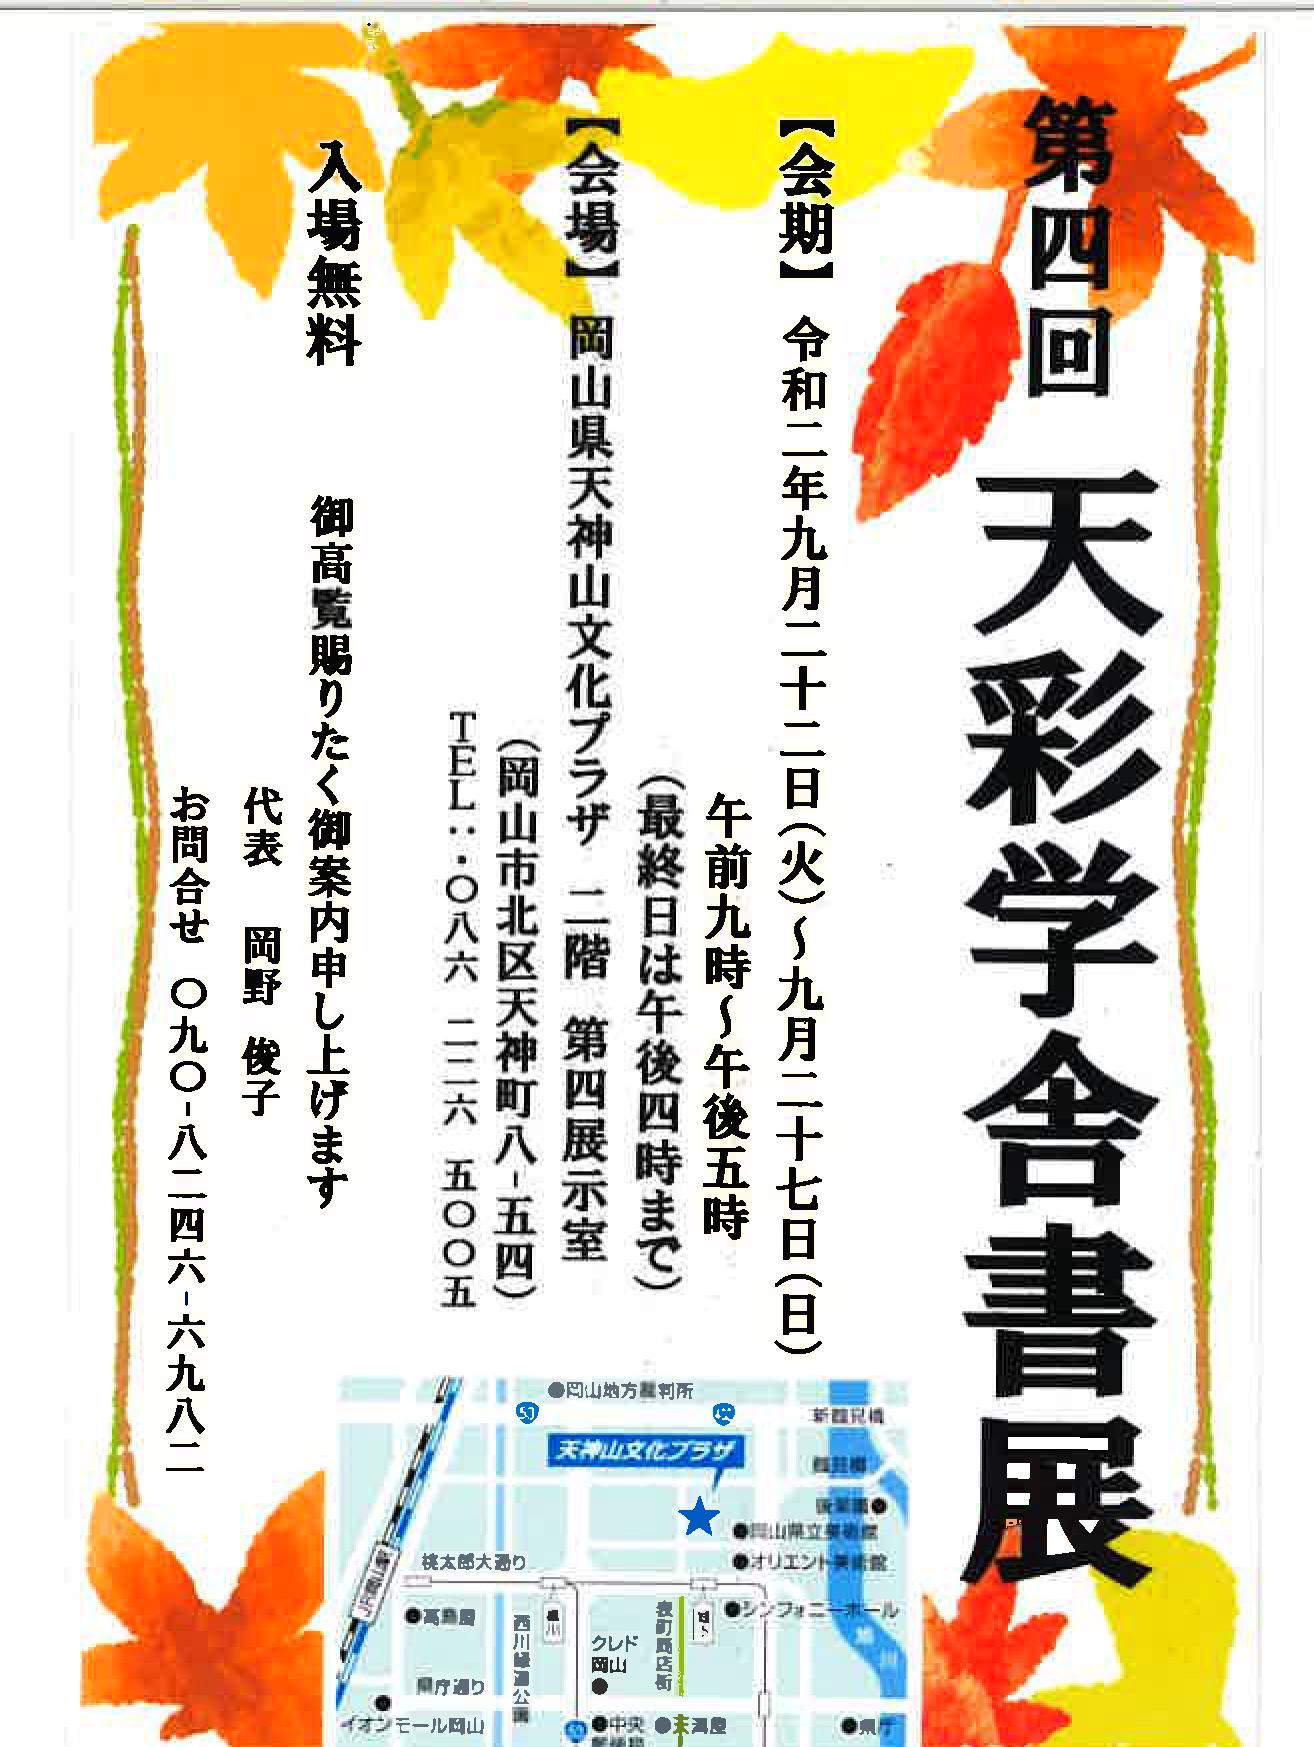 【展覧会情報】第4回天彩学舎書展